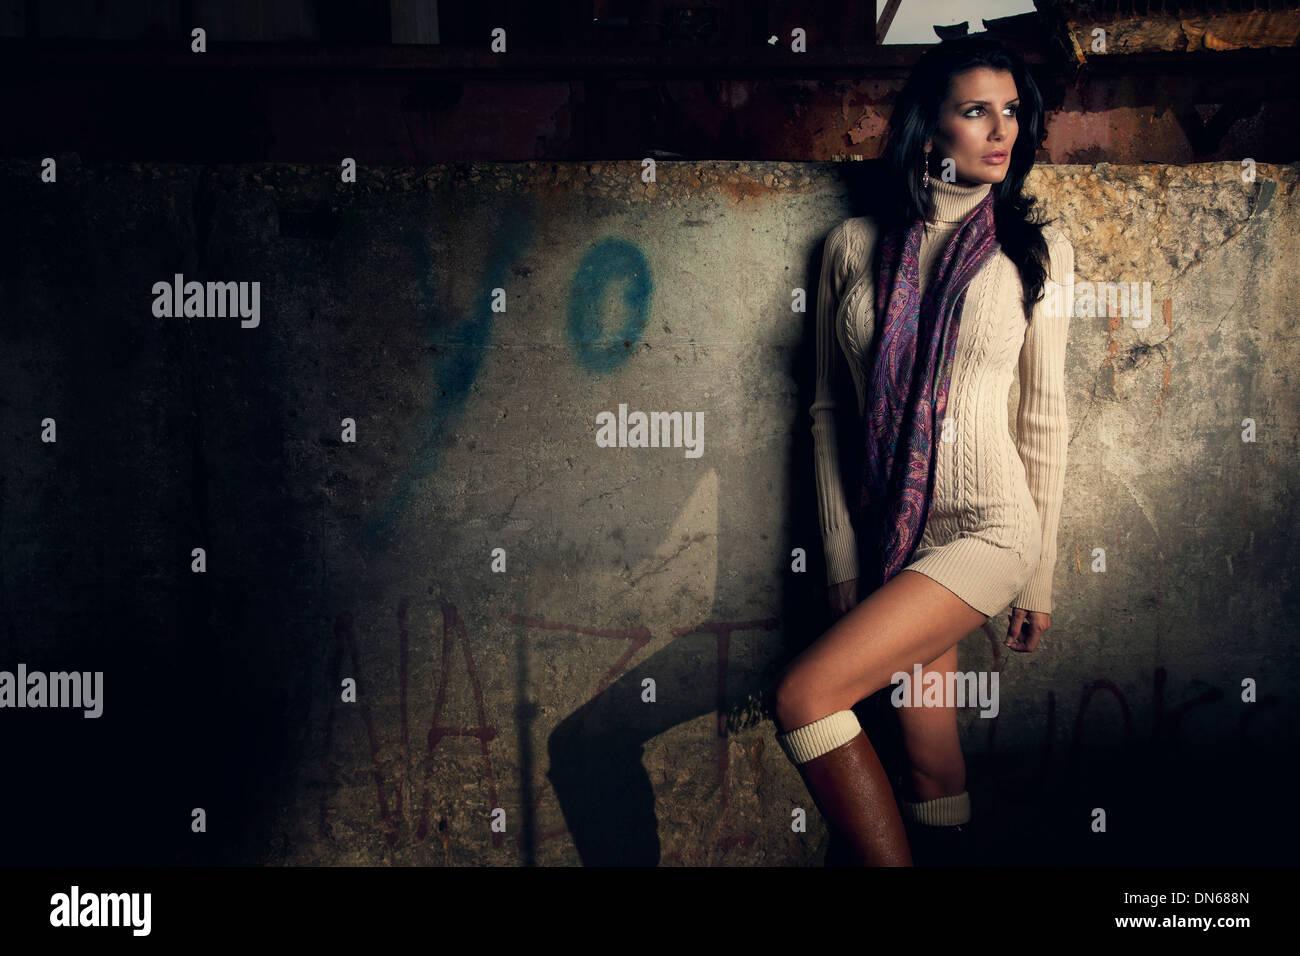 Moda ritratto di donna in piedi nel magazzino abbandonato in abito corto Immagini Stock